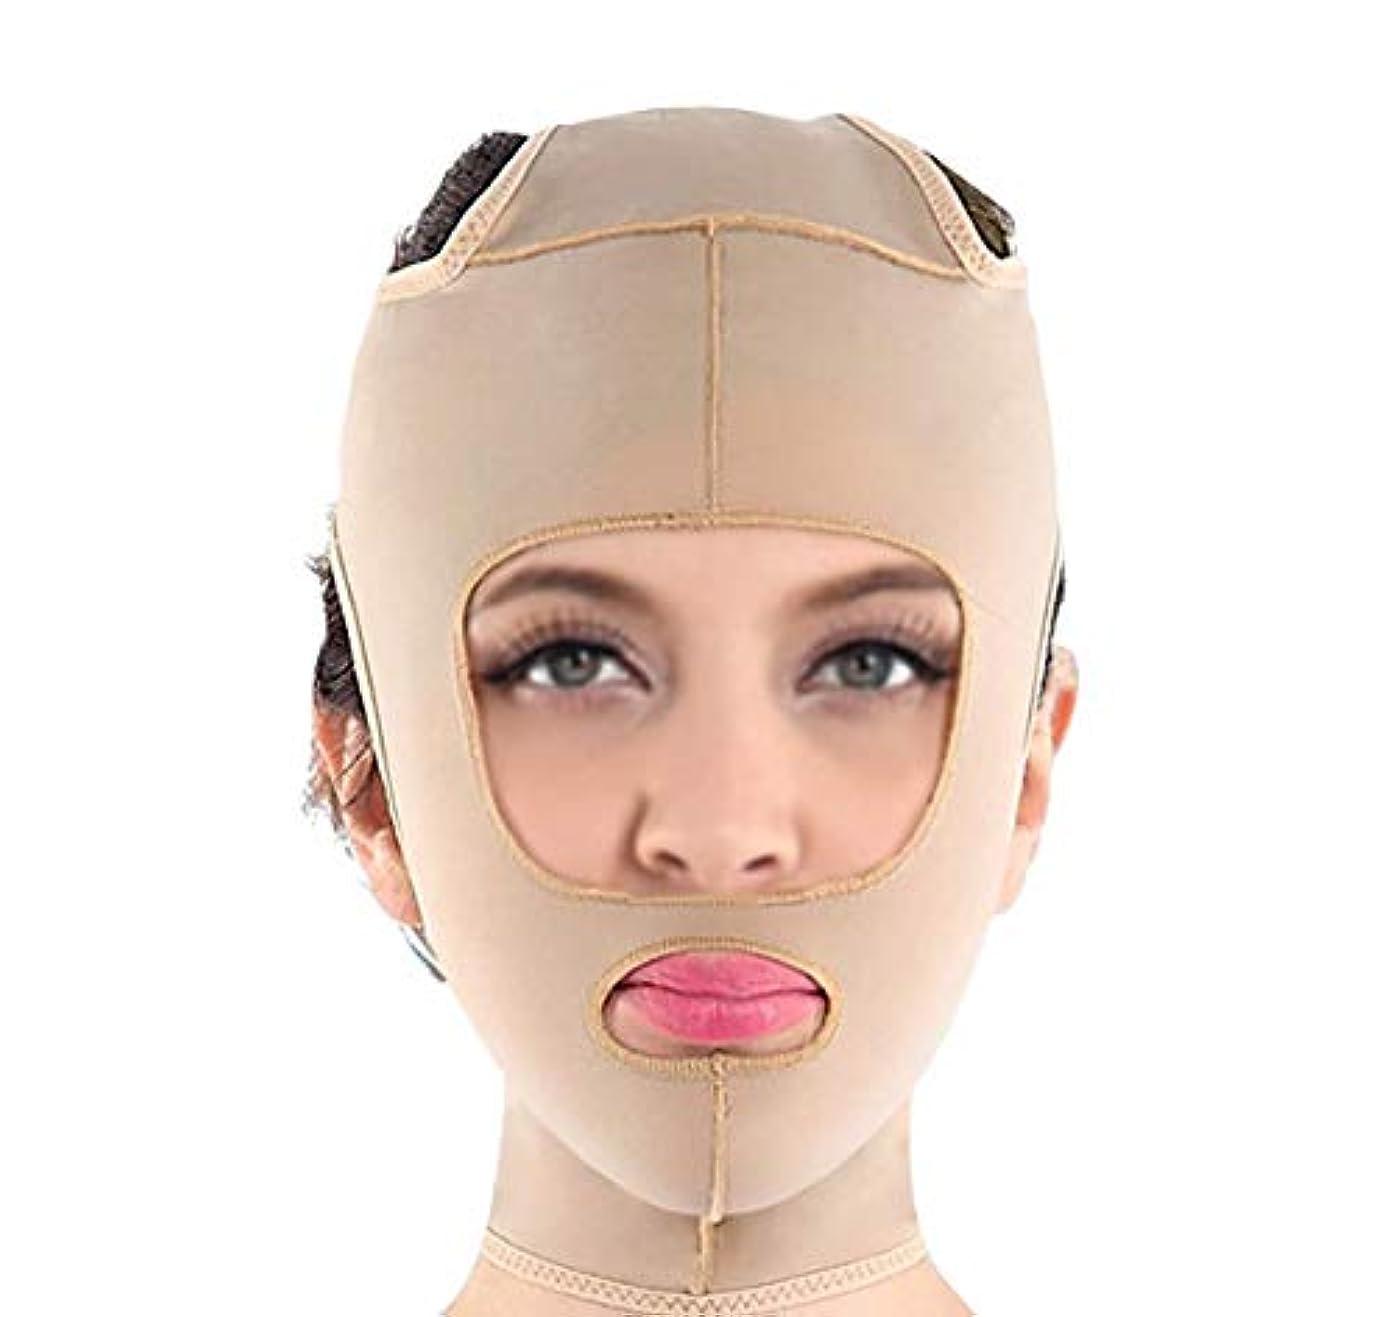 糸聡明自体フェイスリフティングマスクで肌をよりしっかりと保ち、V字型の顔を形作り、超薄型の通気性、調節可能で快適な着用感(サイズ:Xl),M